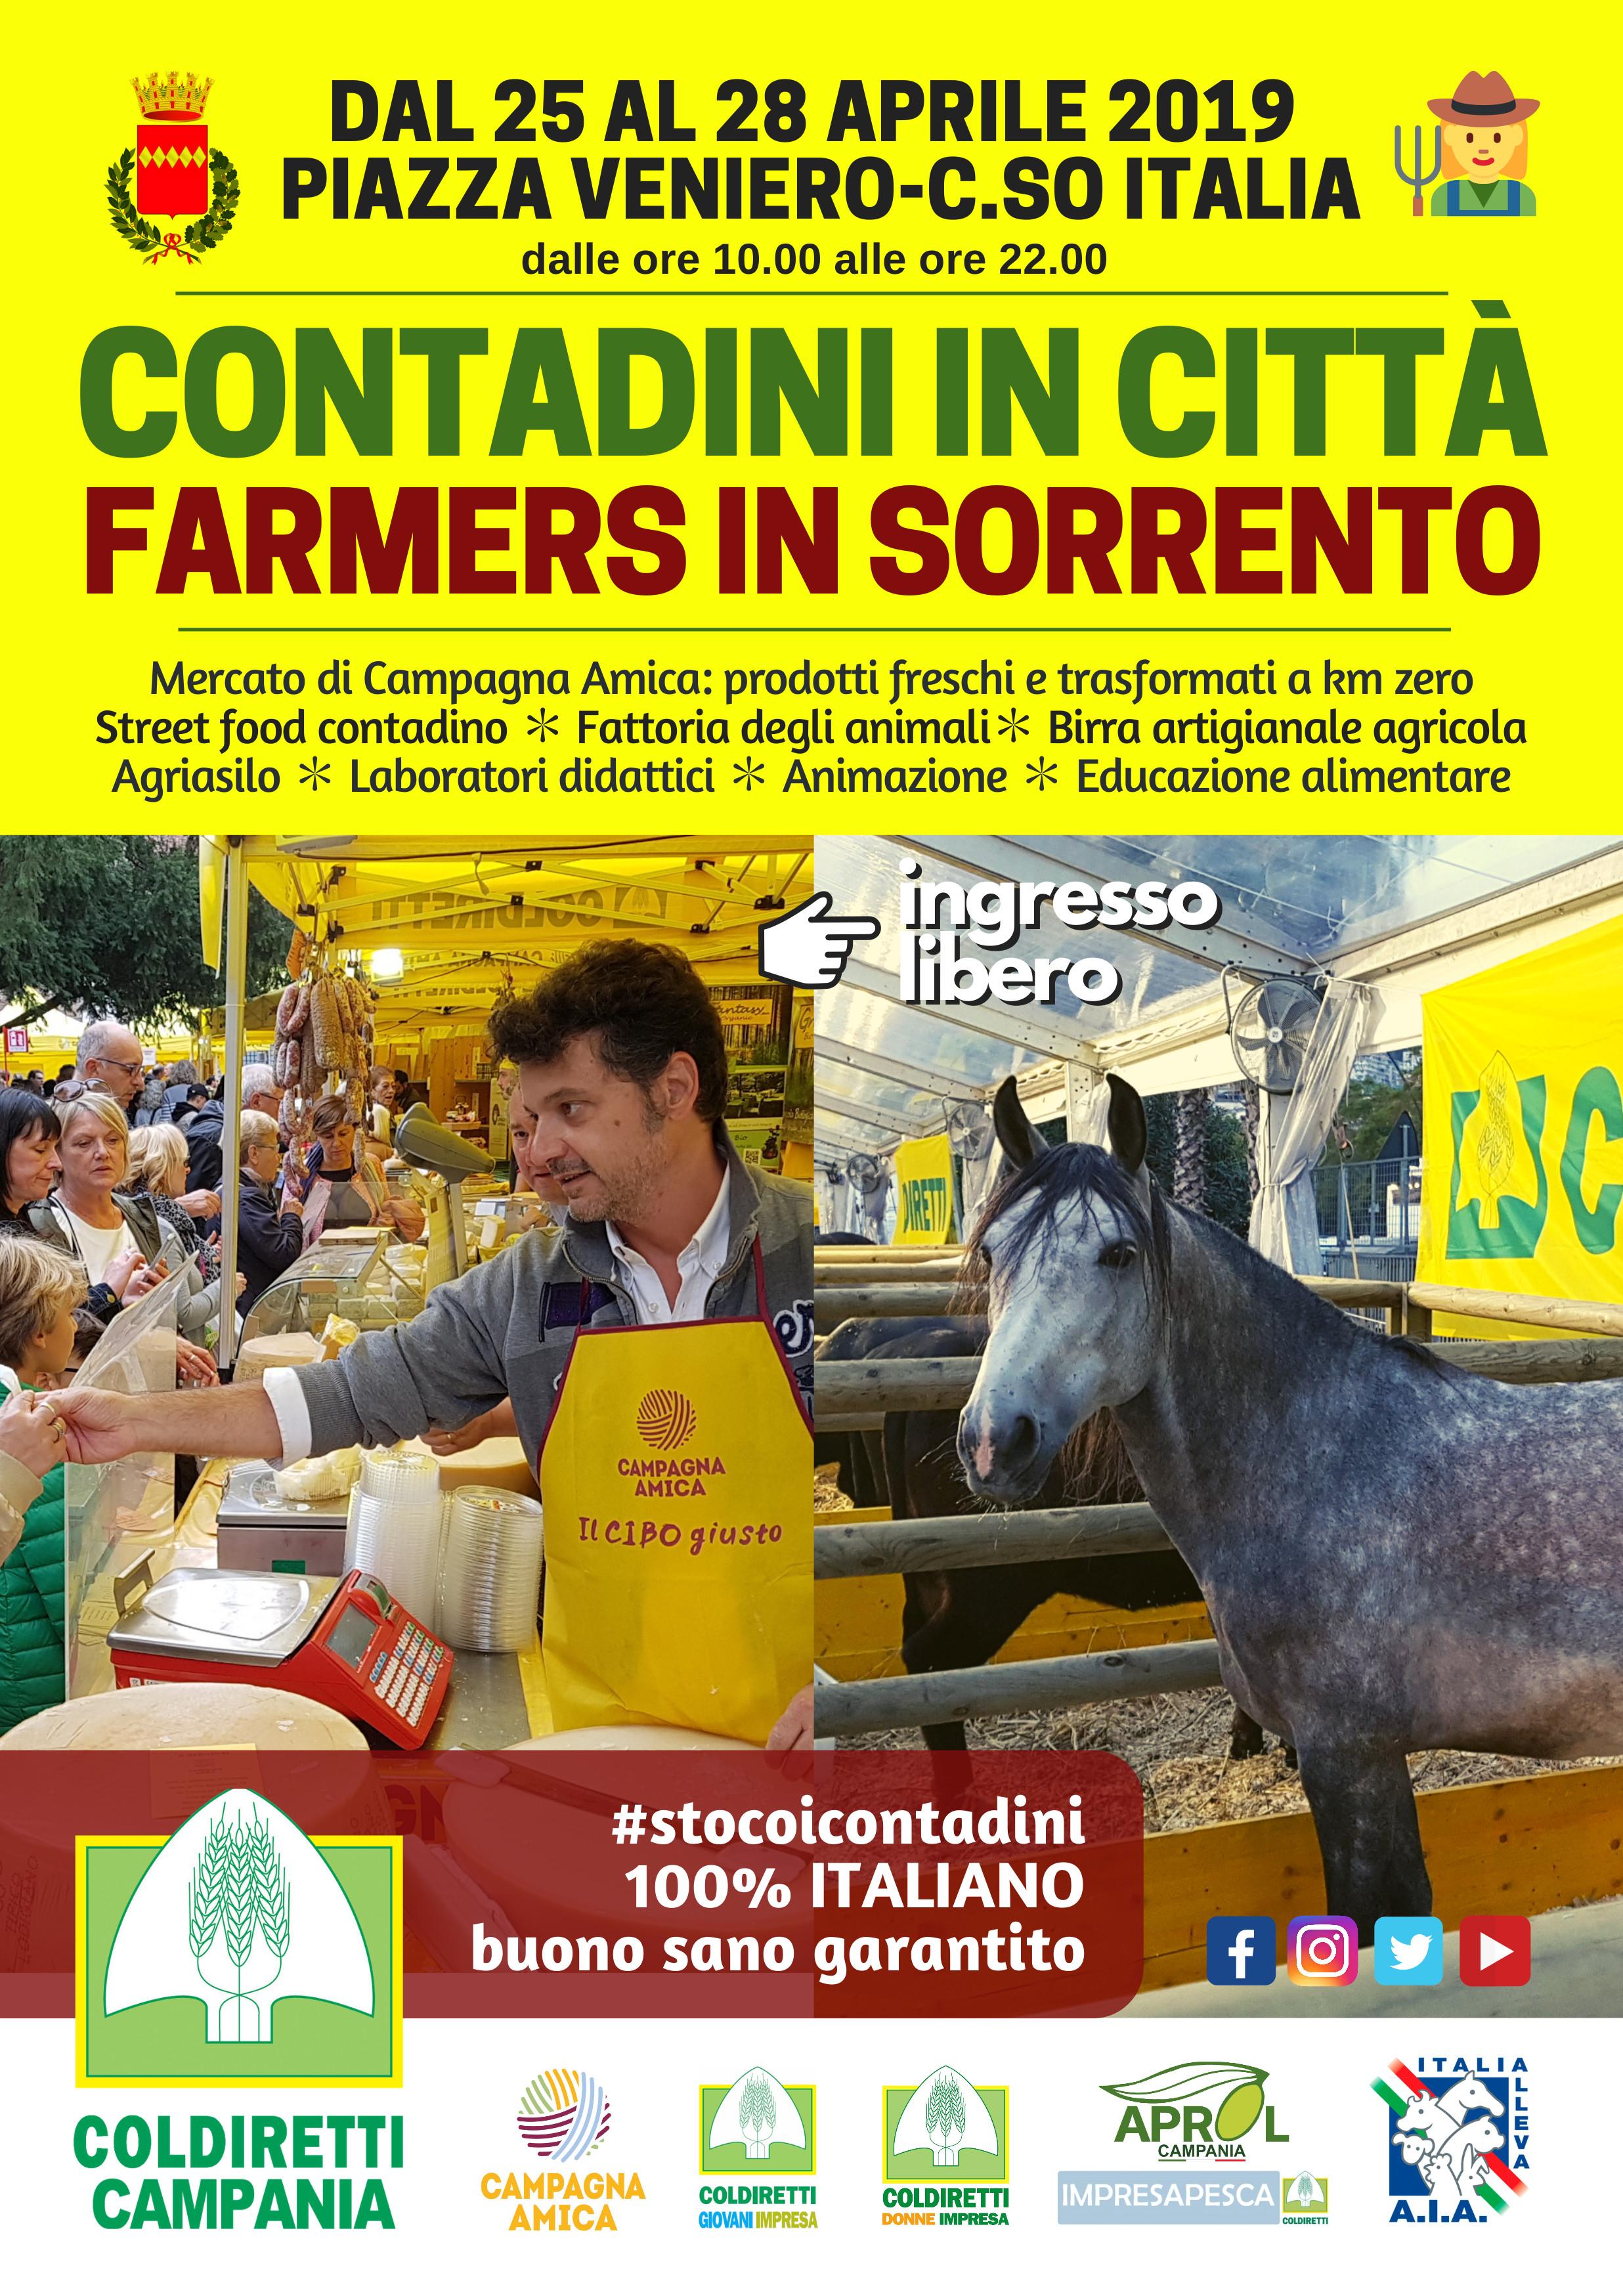 Contadini in città Farmers in Sorrento